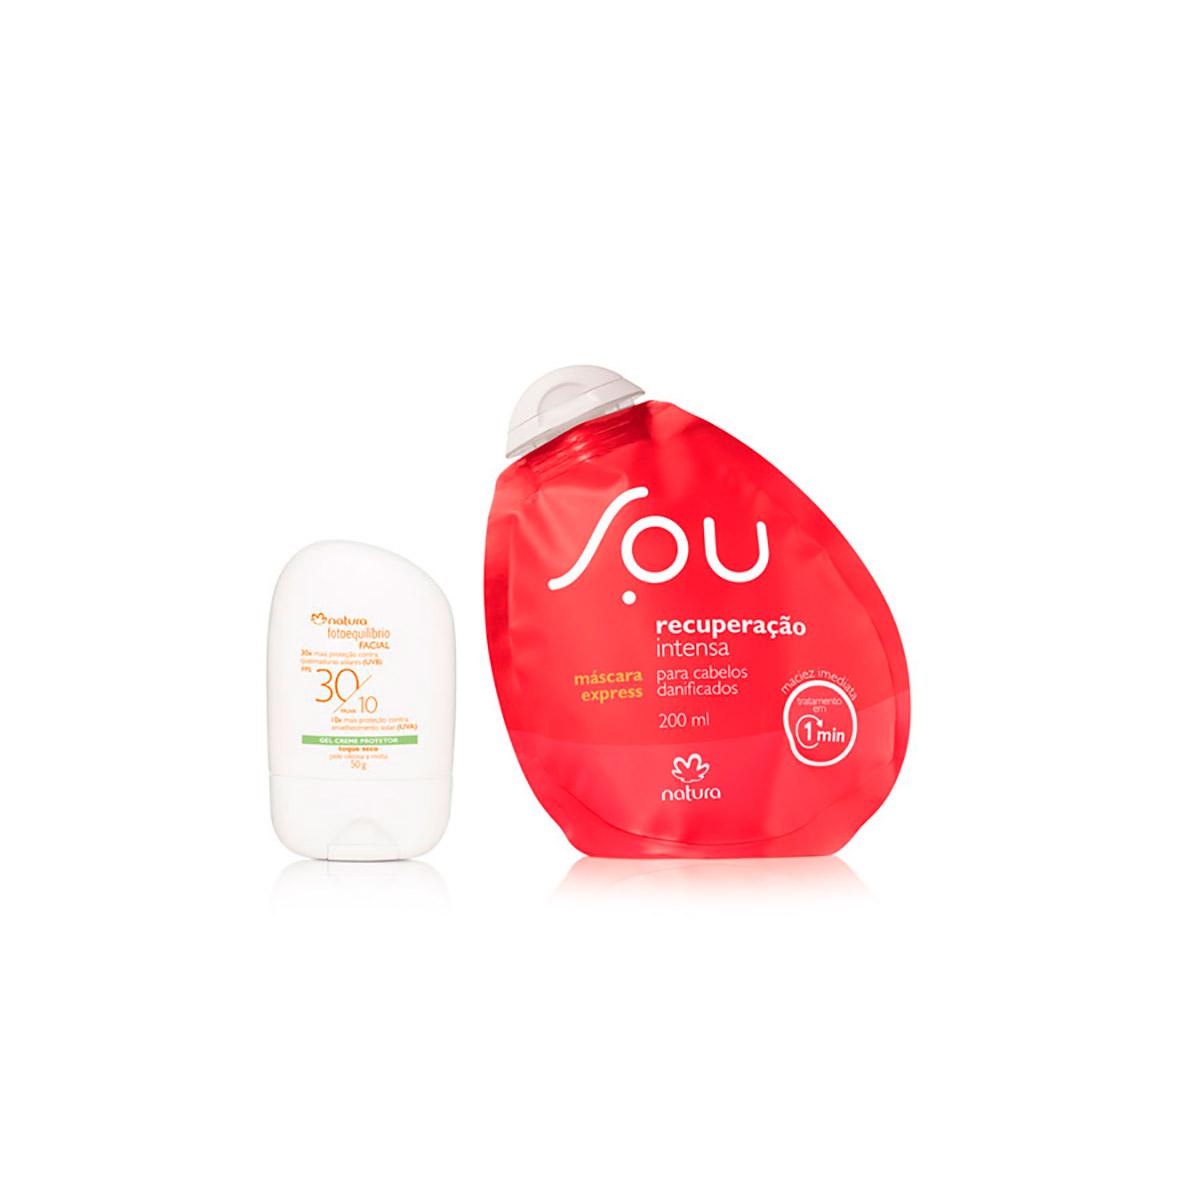 Combo Natura SOU e Fotoequilíbrio - Máscara Express + Gel Creme Protetor - 78375